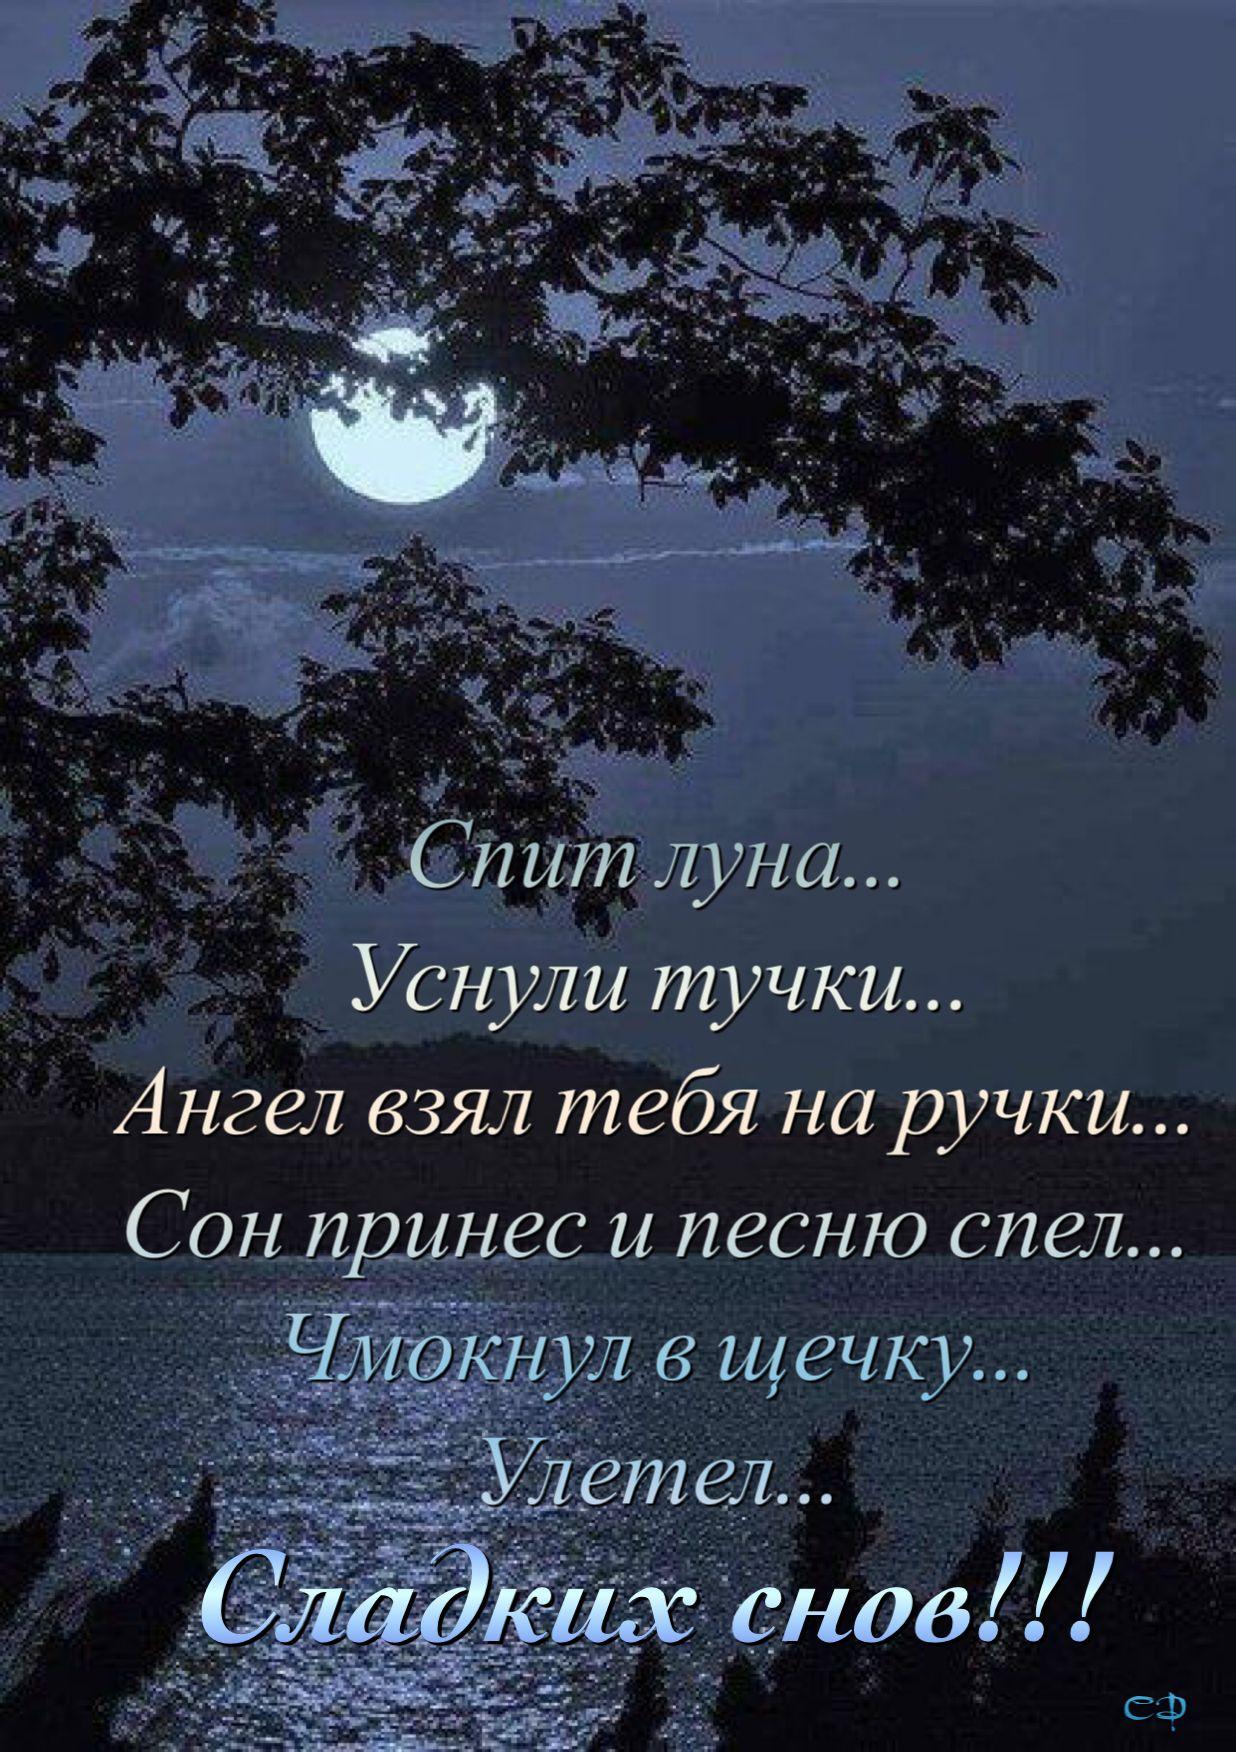 Pin Ot Polzovatelya Svetlana Na Doske Dobroj Nochi S Izobrazheniyami